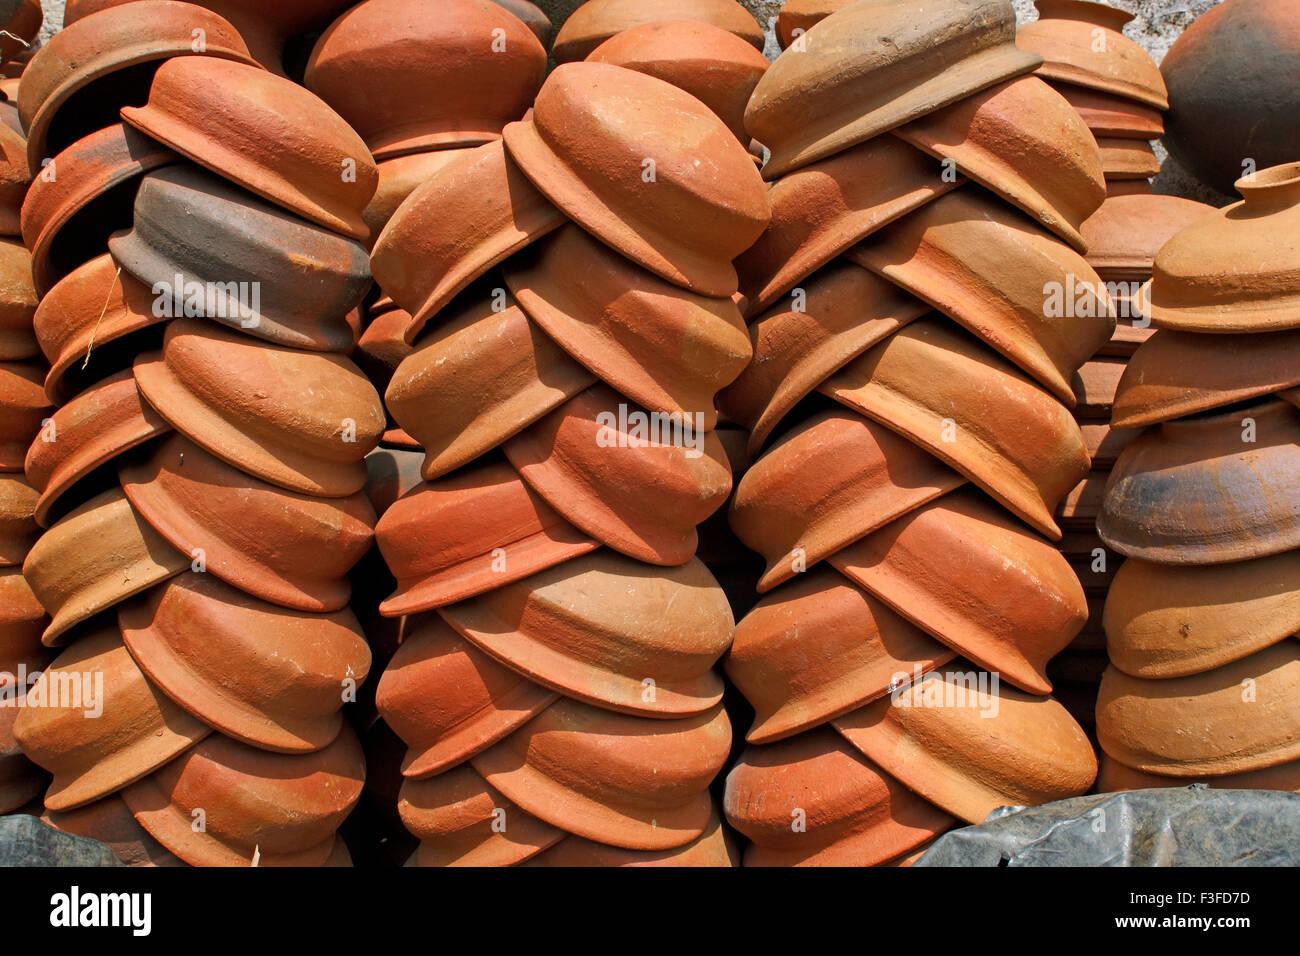 Earthen pot ; Sri Lanka - Stock Image